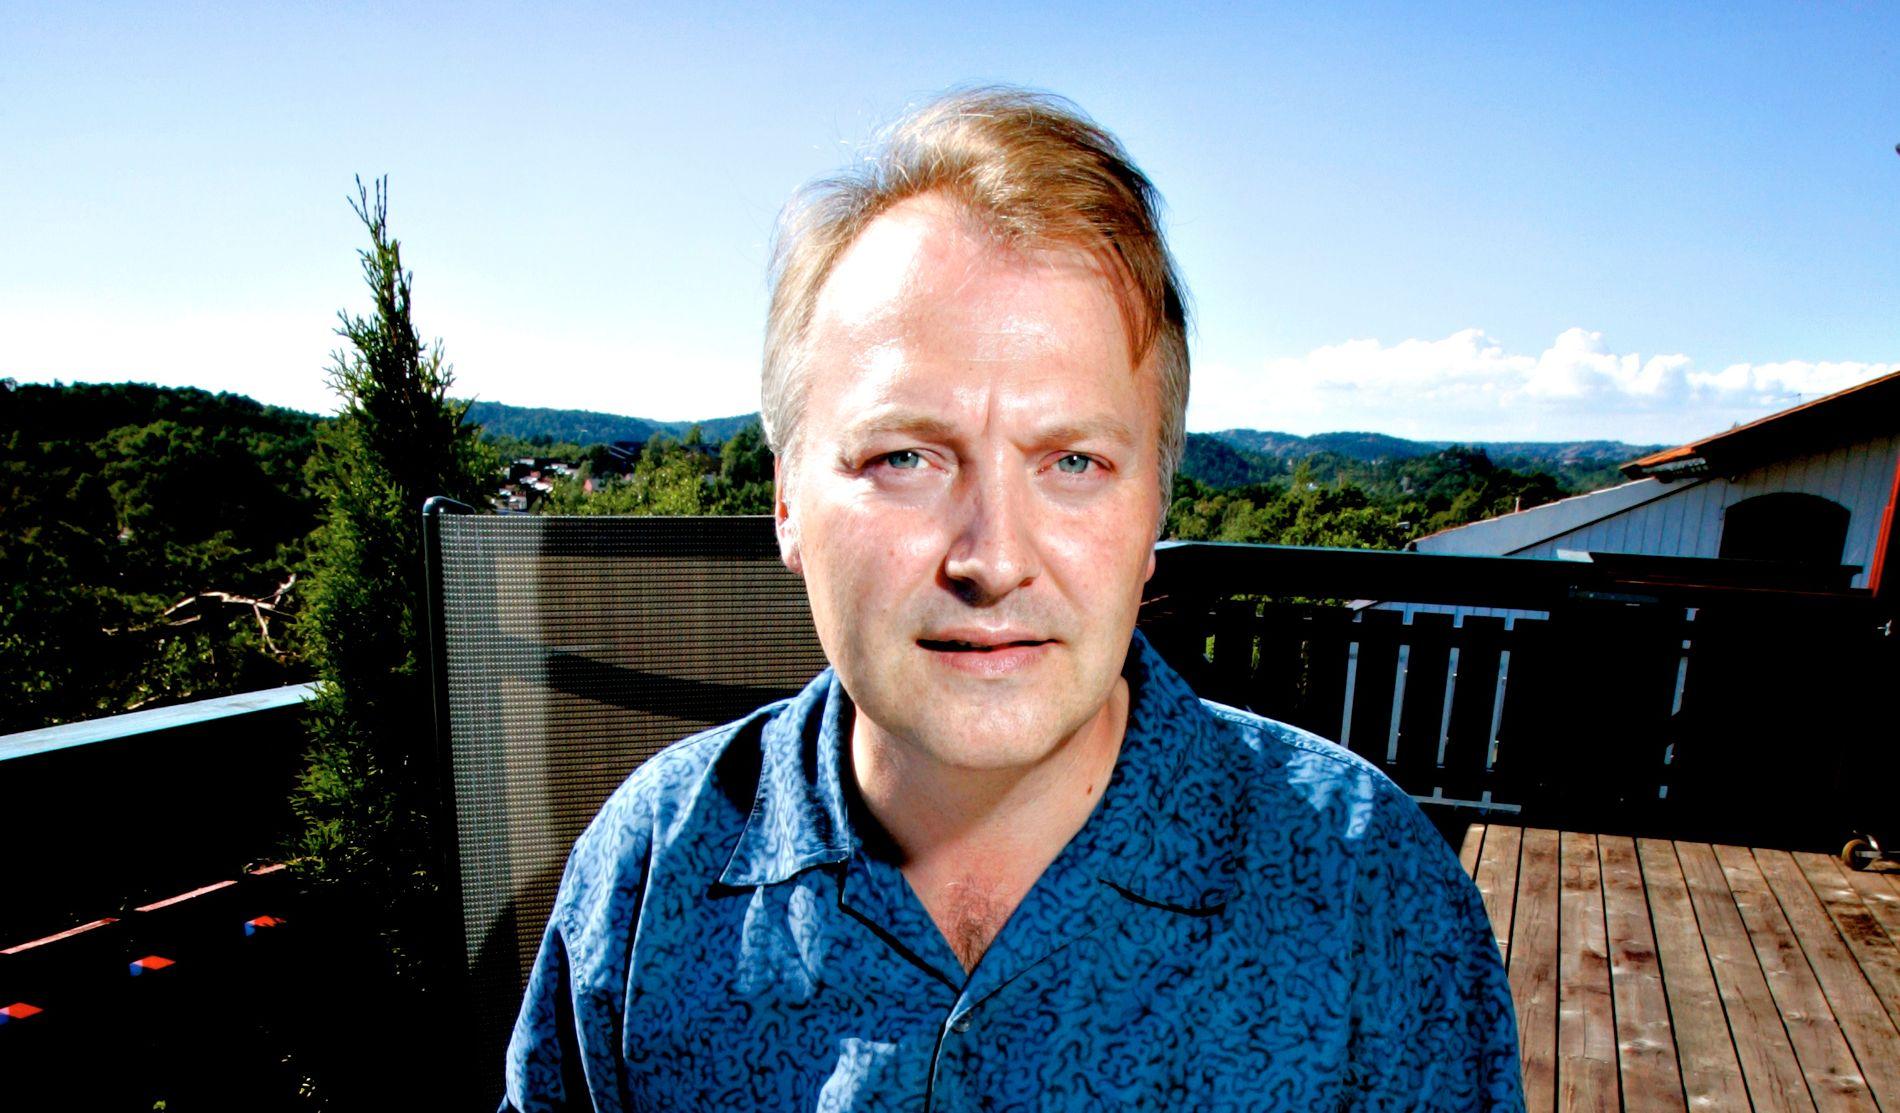 GAMMEL TRAVER: Vidar Kleppe er ikke overrasket over at partiet hans, Demokratene, er større enn Frp i Kristiansand. Han har fartstid i bystyret i Kristiansand fra 1987.